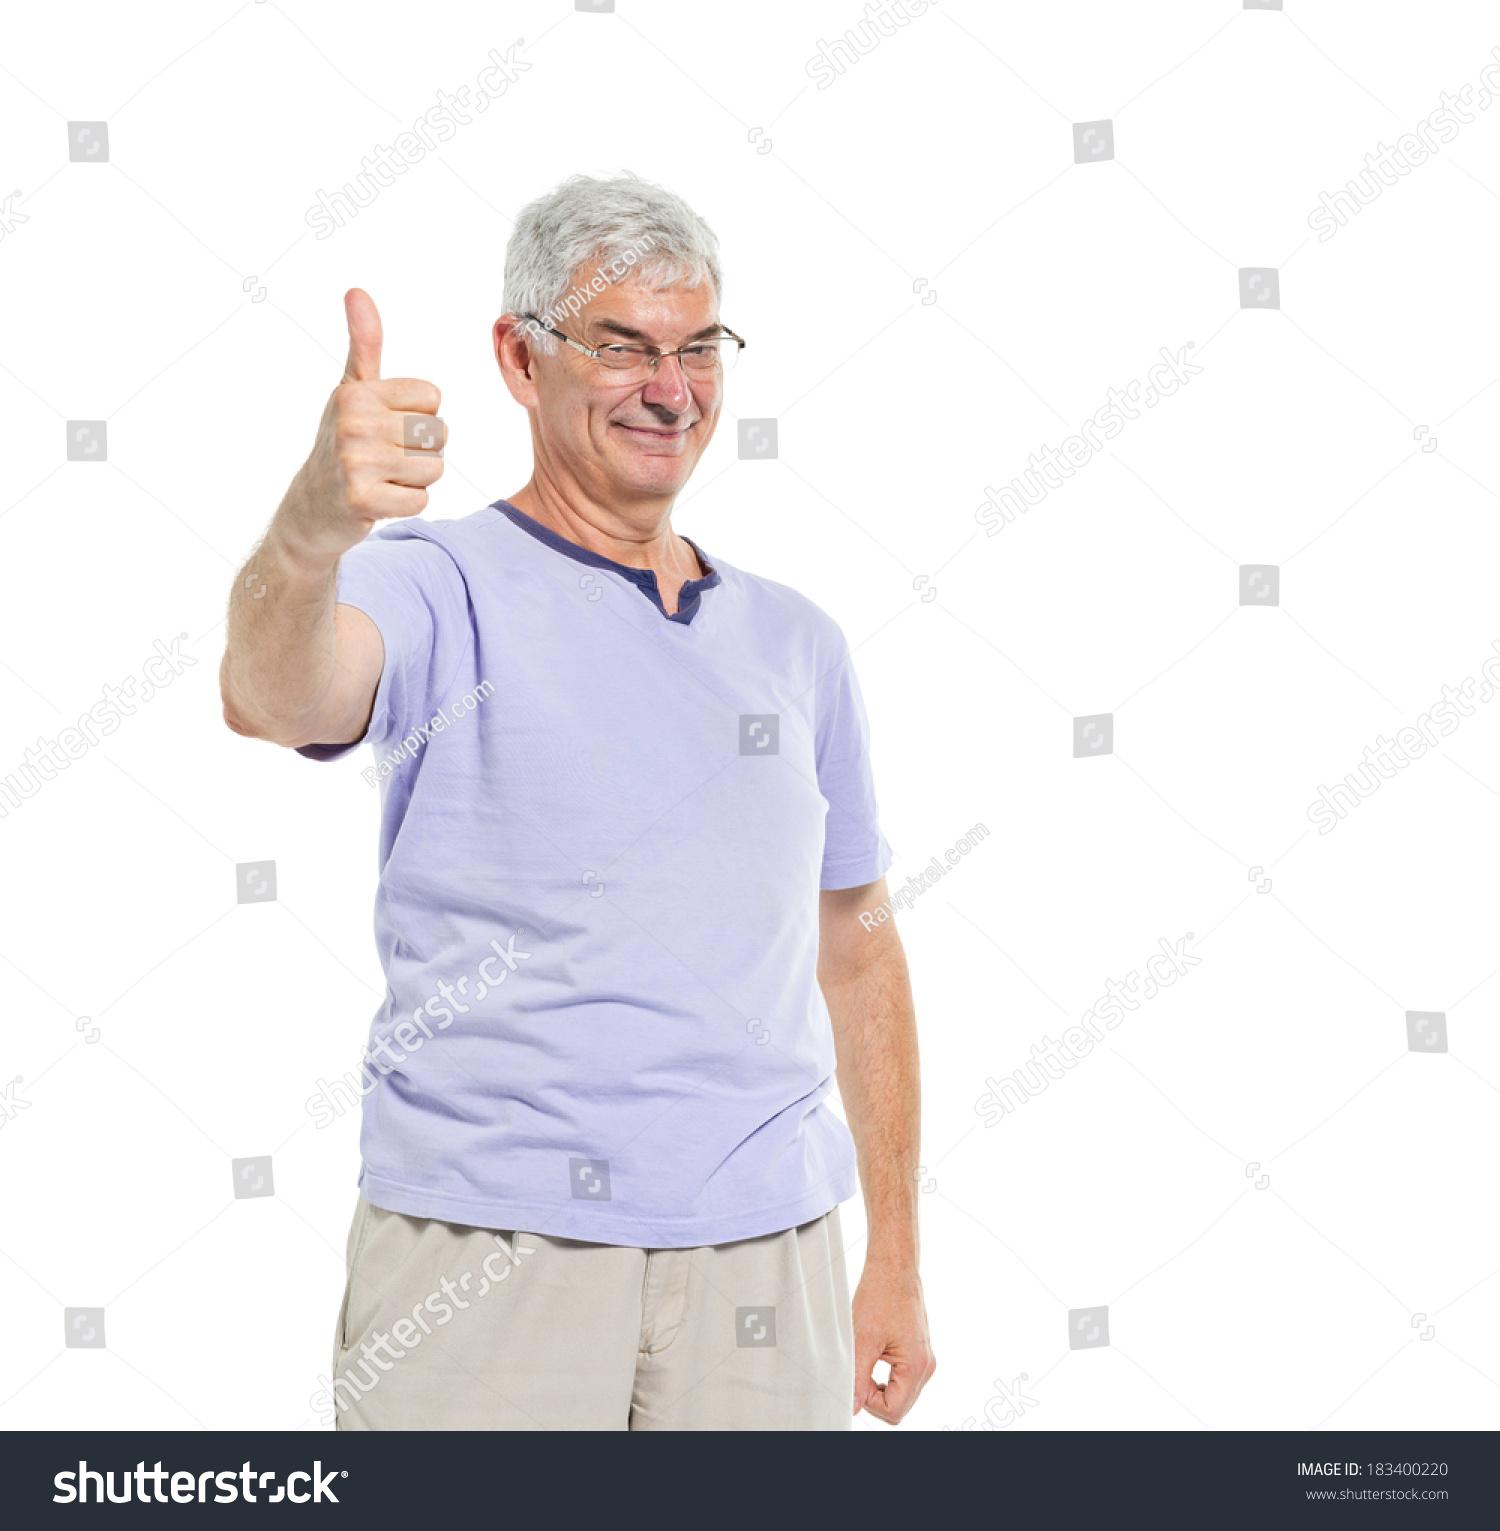 开朗成熟的人竖起大拇指-人物-海洛创意(hellorf)--.